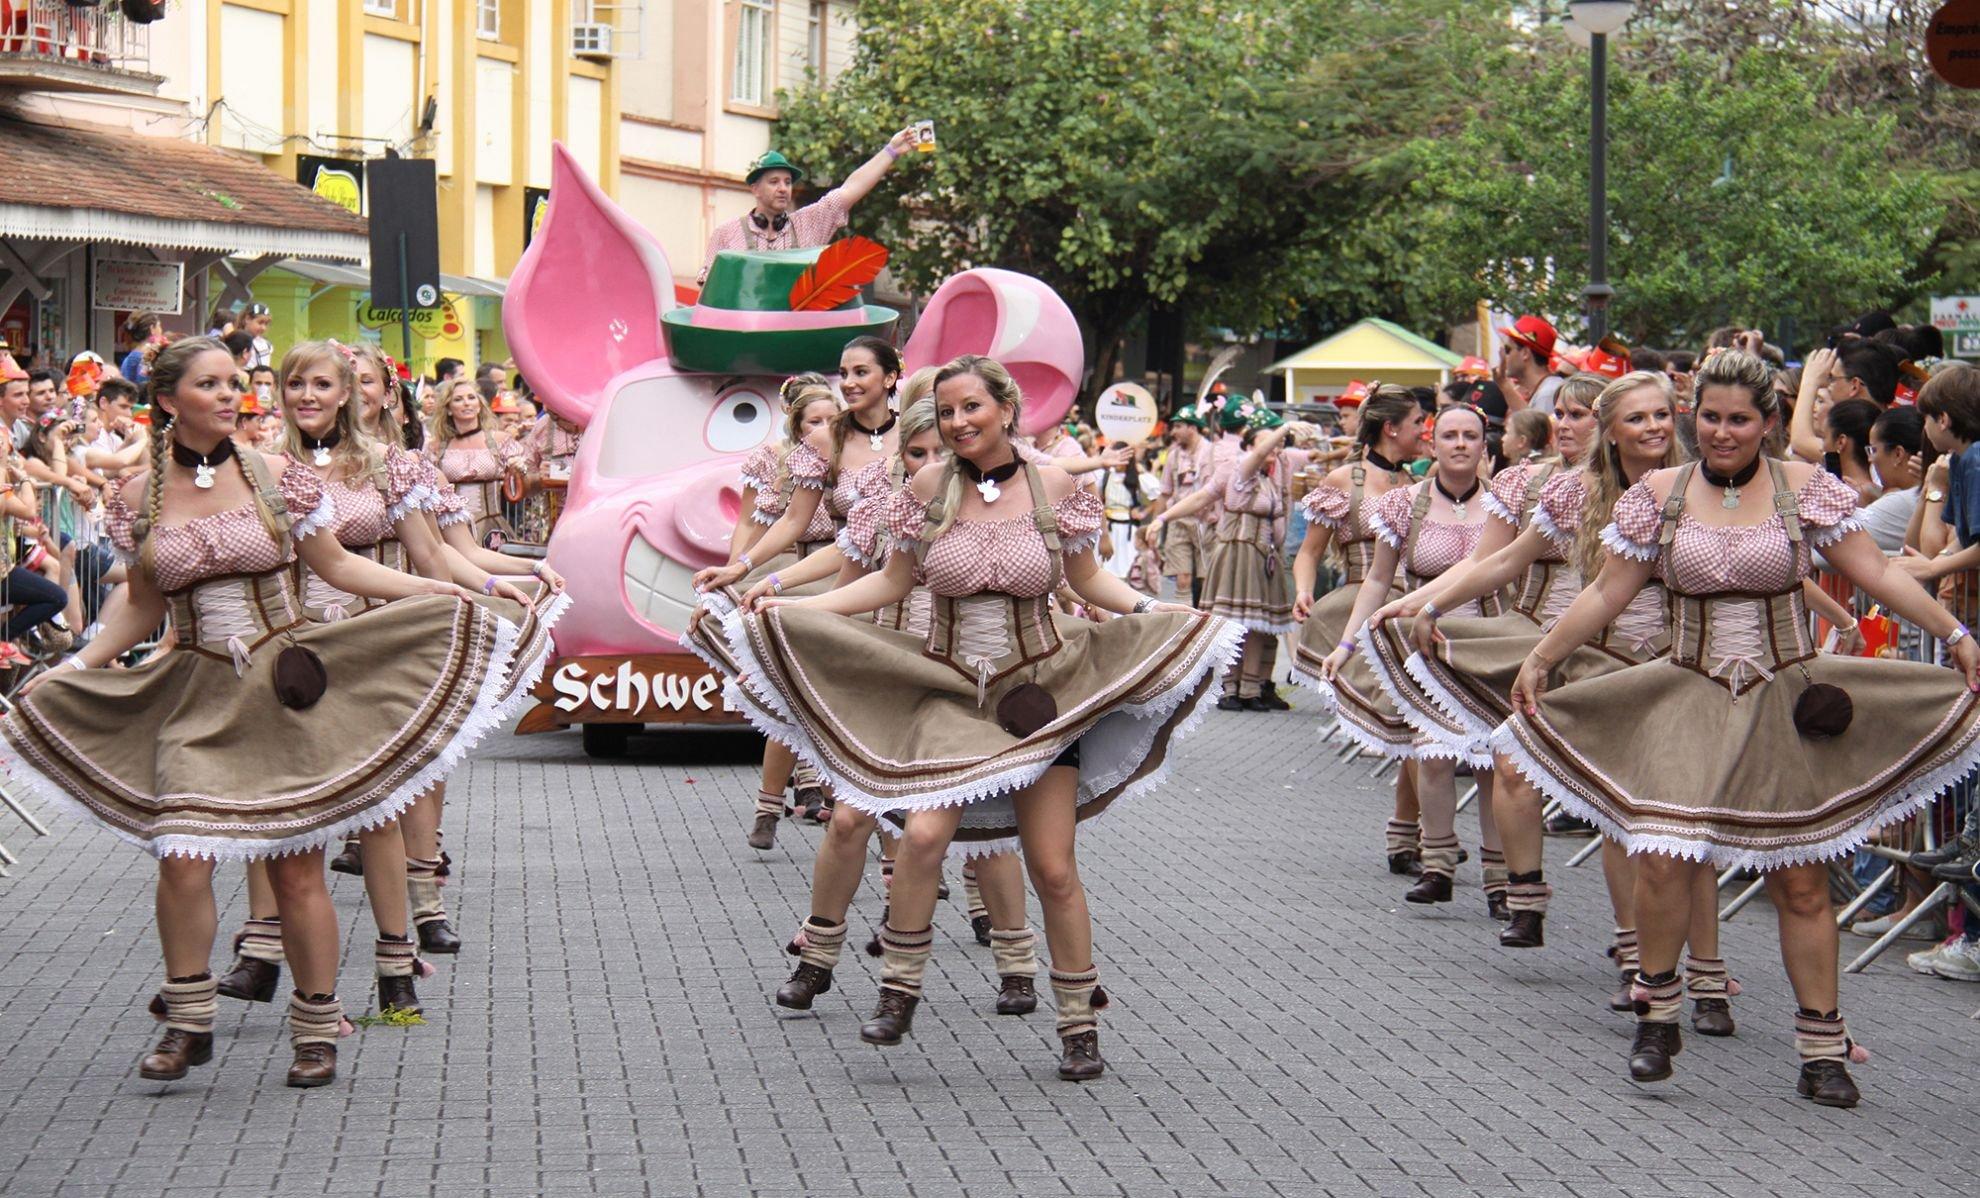 Oktoberfest in Brasile a Blumenau